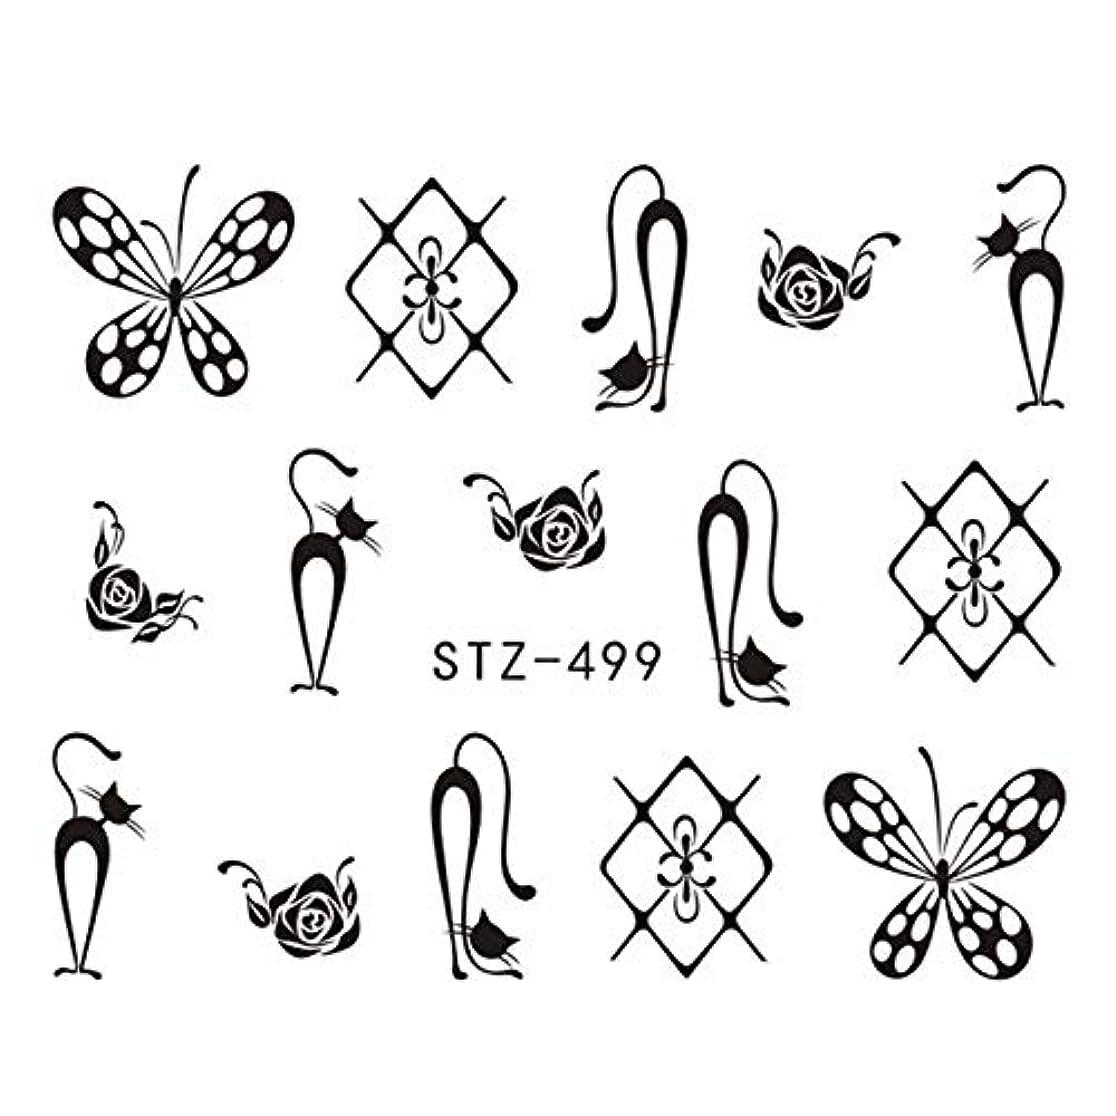 リード大陸プログレッシブCELINEZL CELINEZL 3 PCS DIYファッション水転写アートデカールネイルステッカー(STZ500) (色 : STZ499)